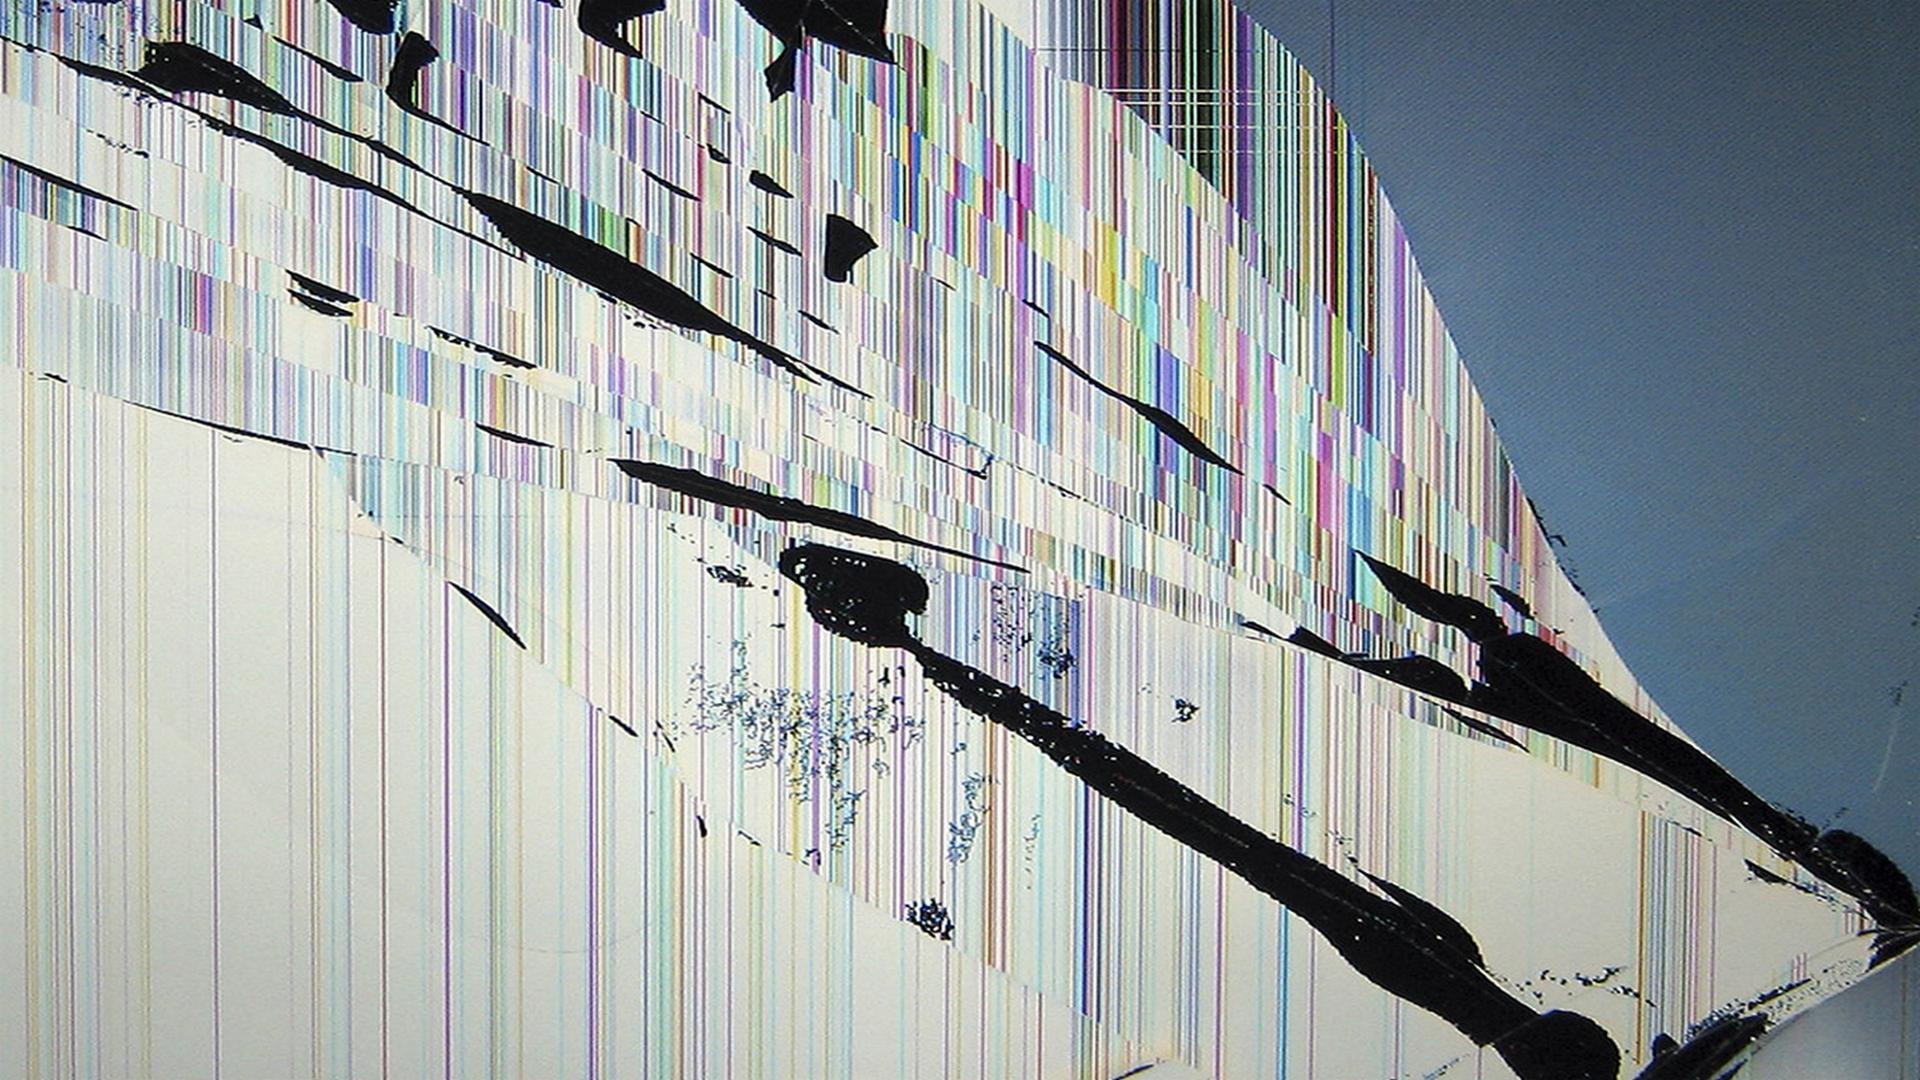 Broken Skyscraper 26200 Hd Wallpaper Backgrounds Download